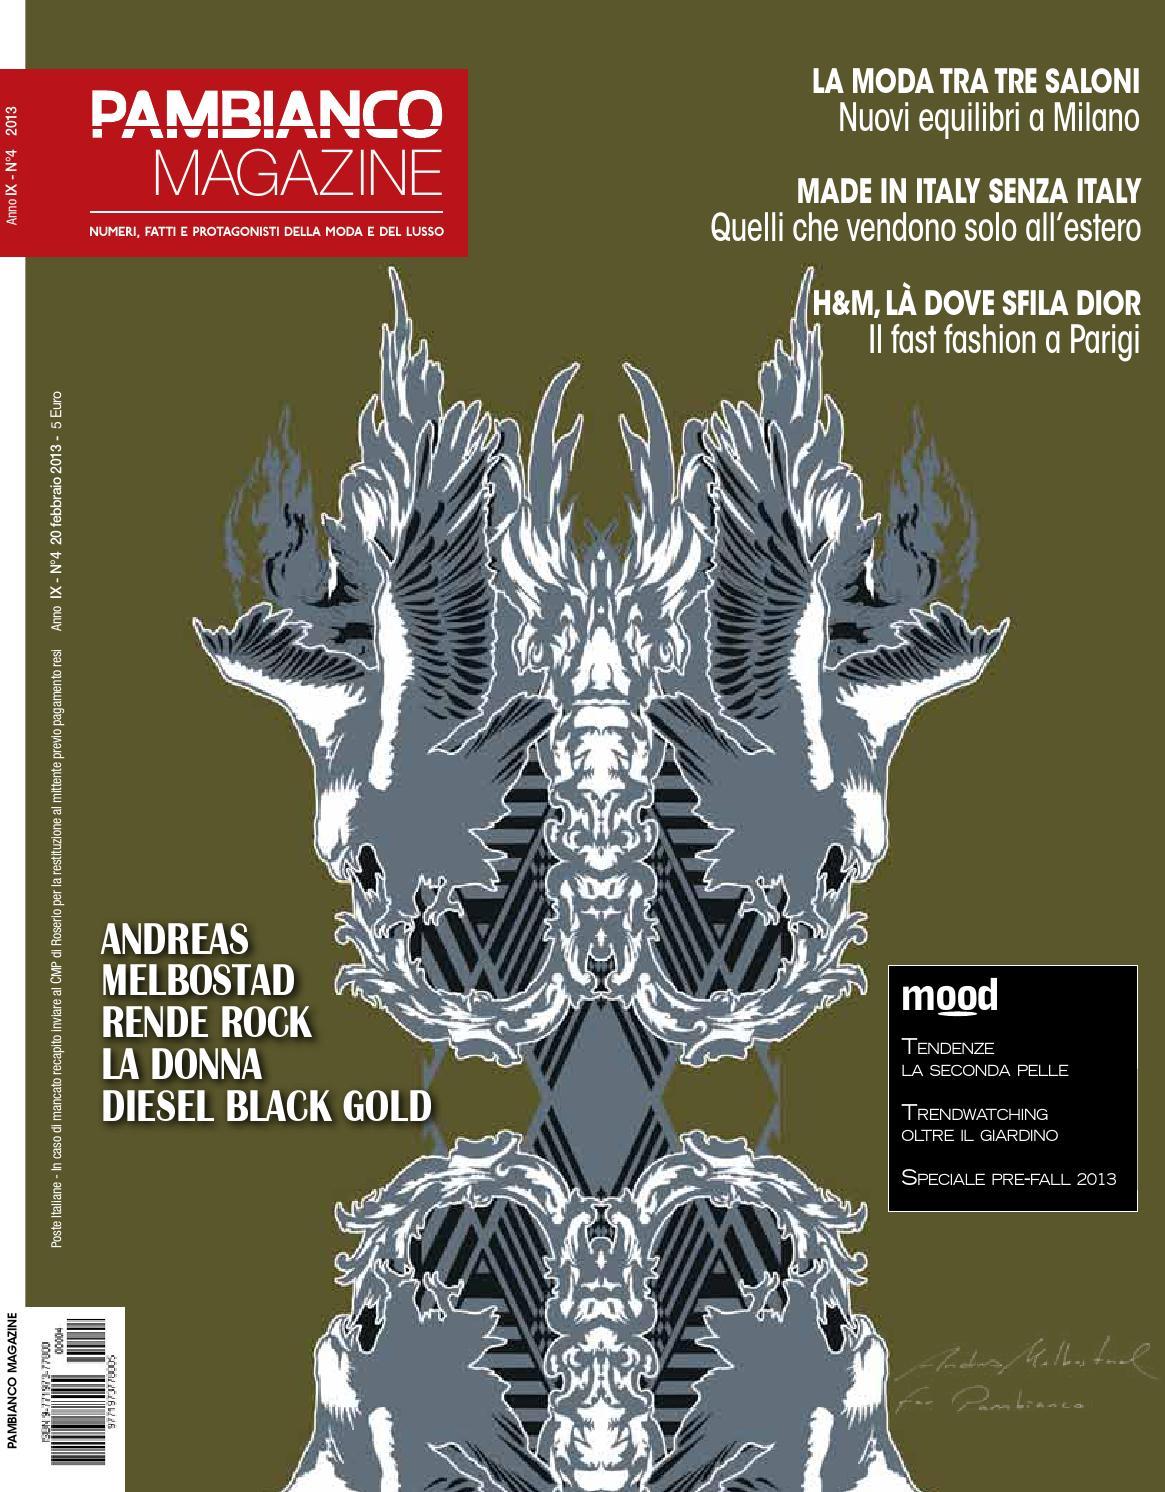 Pambianco Magazine N.4 IX by Pambianconews - issuu 52d7589ab71